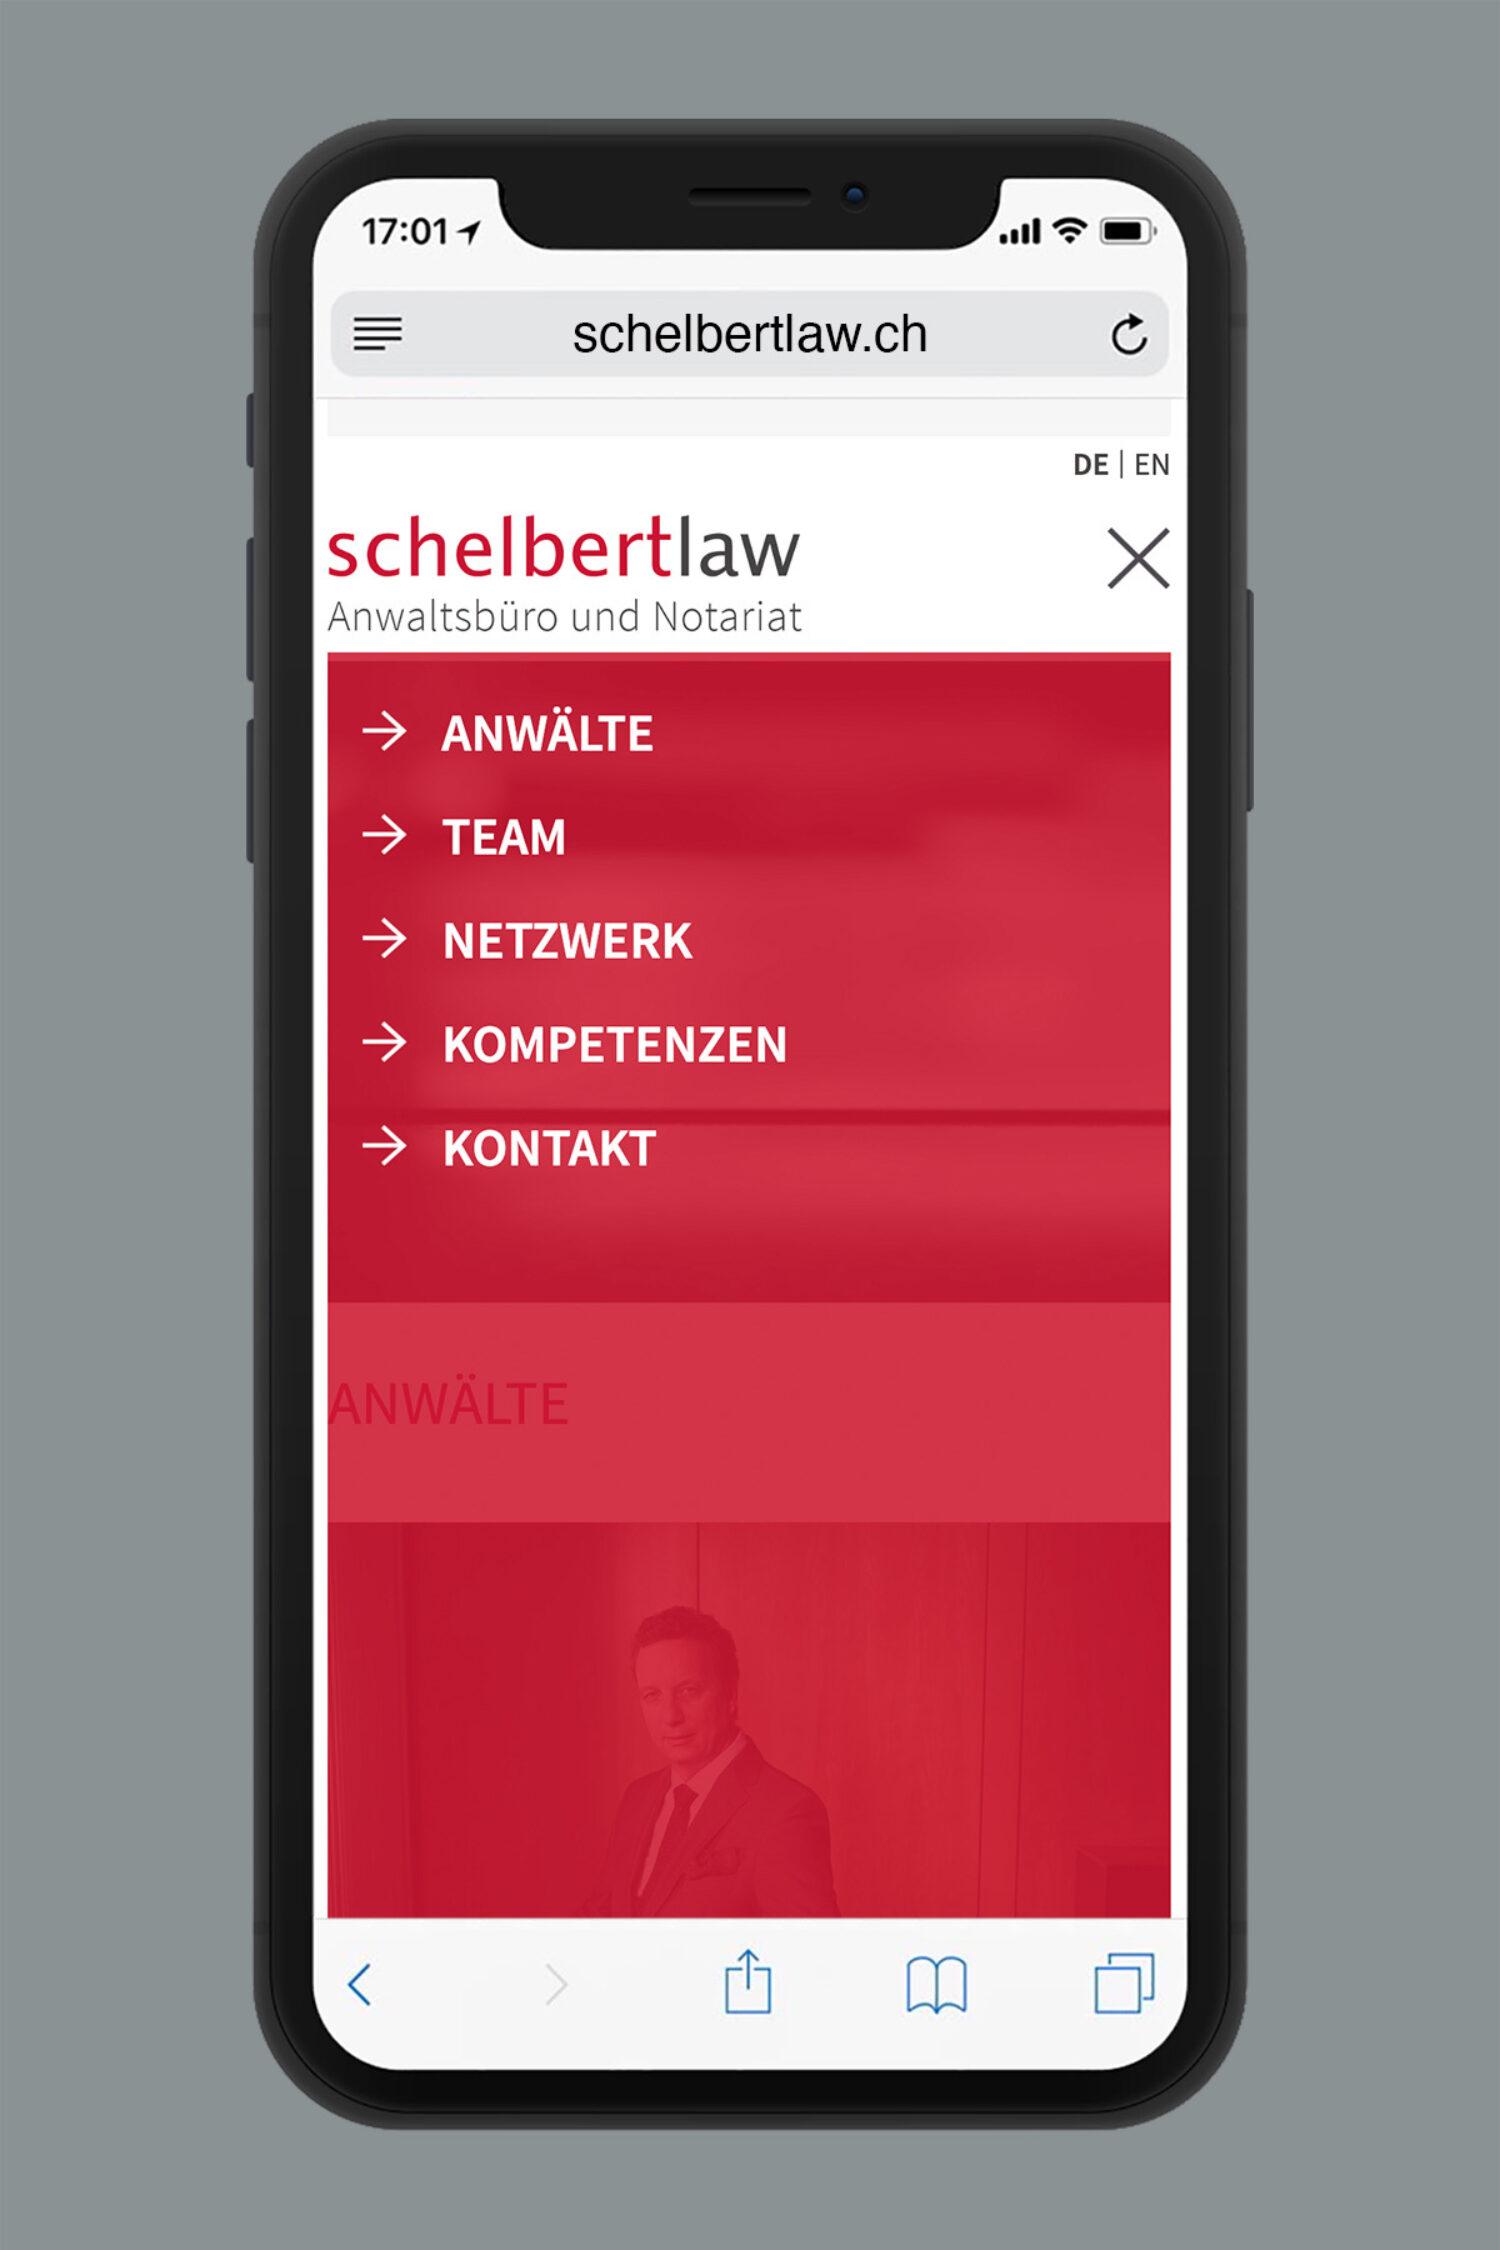 Schweizer Grafikschelbertlaw